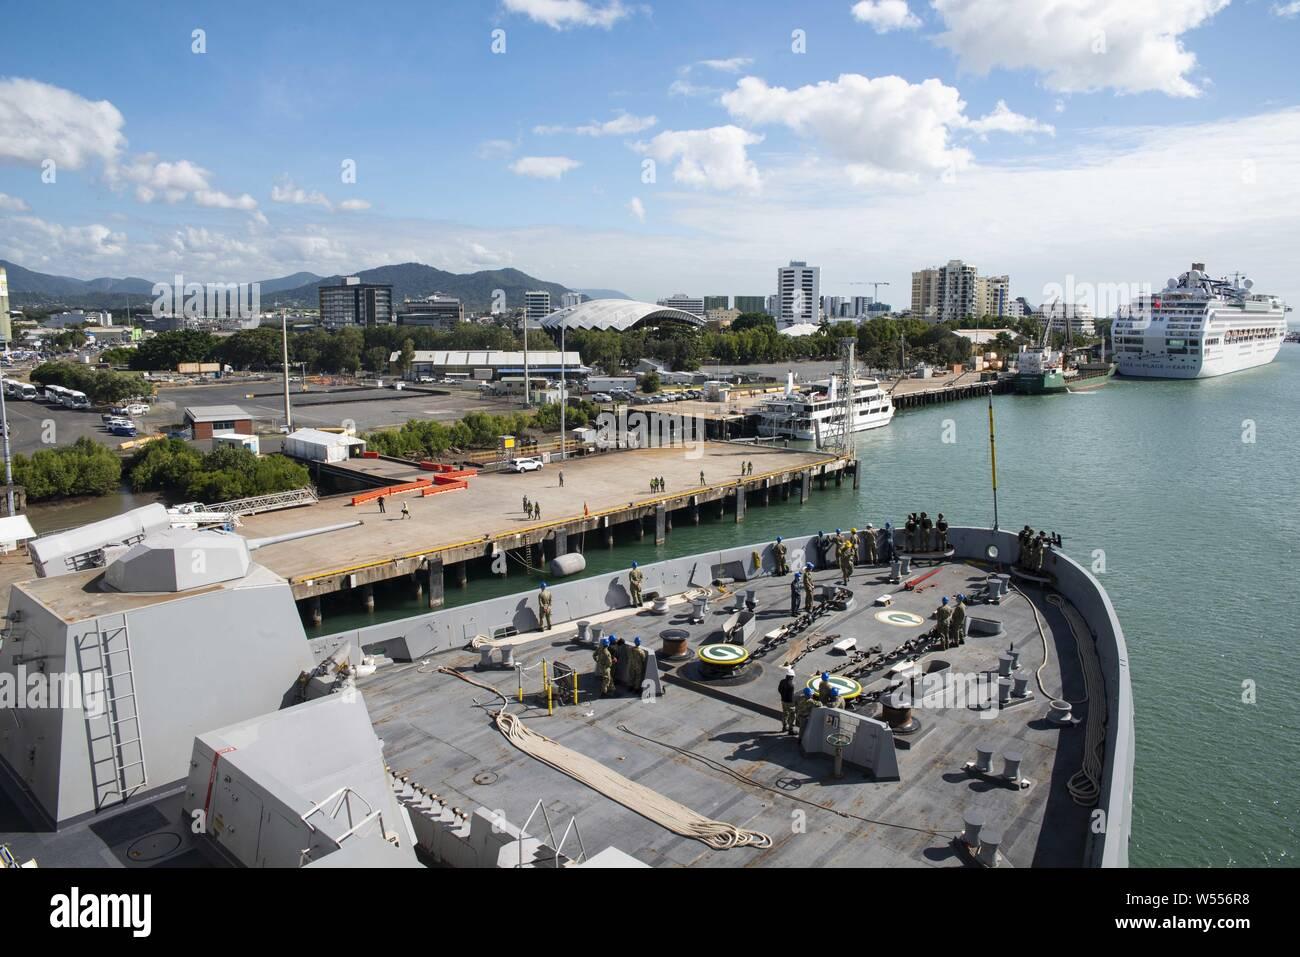 190726-N-DX072-1059 Cairns, Australia (26 de julio de 2019) El muelle de transporte anfibio buque USS Green Bay (LPD 20) llega en Cairns, Australia, previsto para visitar Puerto, 26 de julio de 2019. Green Bay, parte del Grupo de ataque expedicionario Wasp, iniciado con la 31ª Unidad Expedicionaria de los Infantes de Marina, participó en Talisman Sabre 2019 frente a las costas del norte de Australia. A nivel bilateral, evento bienal, Talisman Sabre está diseñado para mejorar el entrenamiento de combate de EE.UU. y Australia, la disponibilidad y la interoperabilidad a través de realistas, la capacitación pertinente necesaria para mantener la seguridad regional, la paz y la estabilidad. (Ee.Uu. N Foto de stock